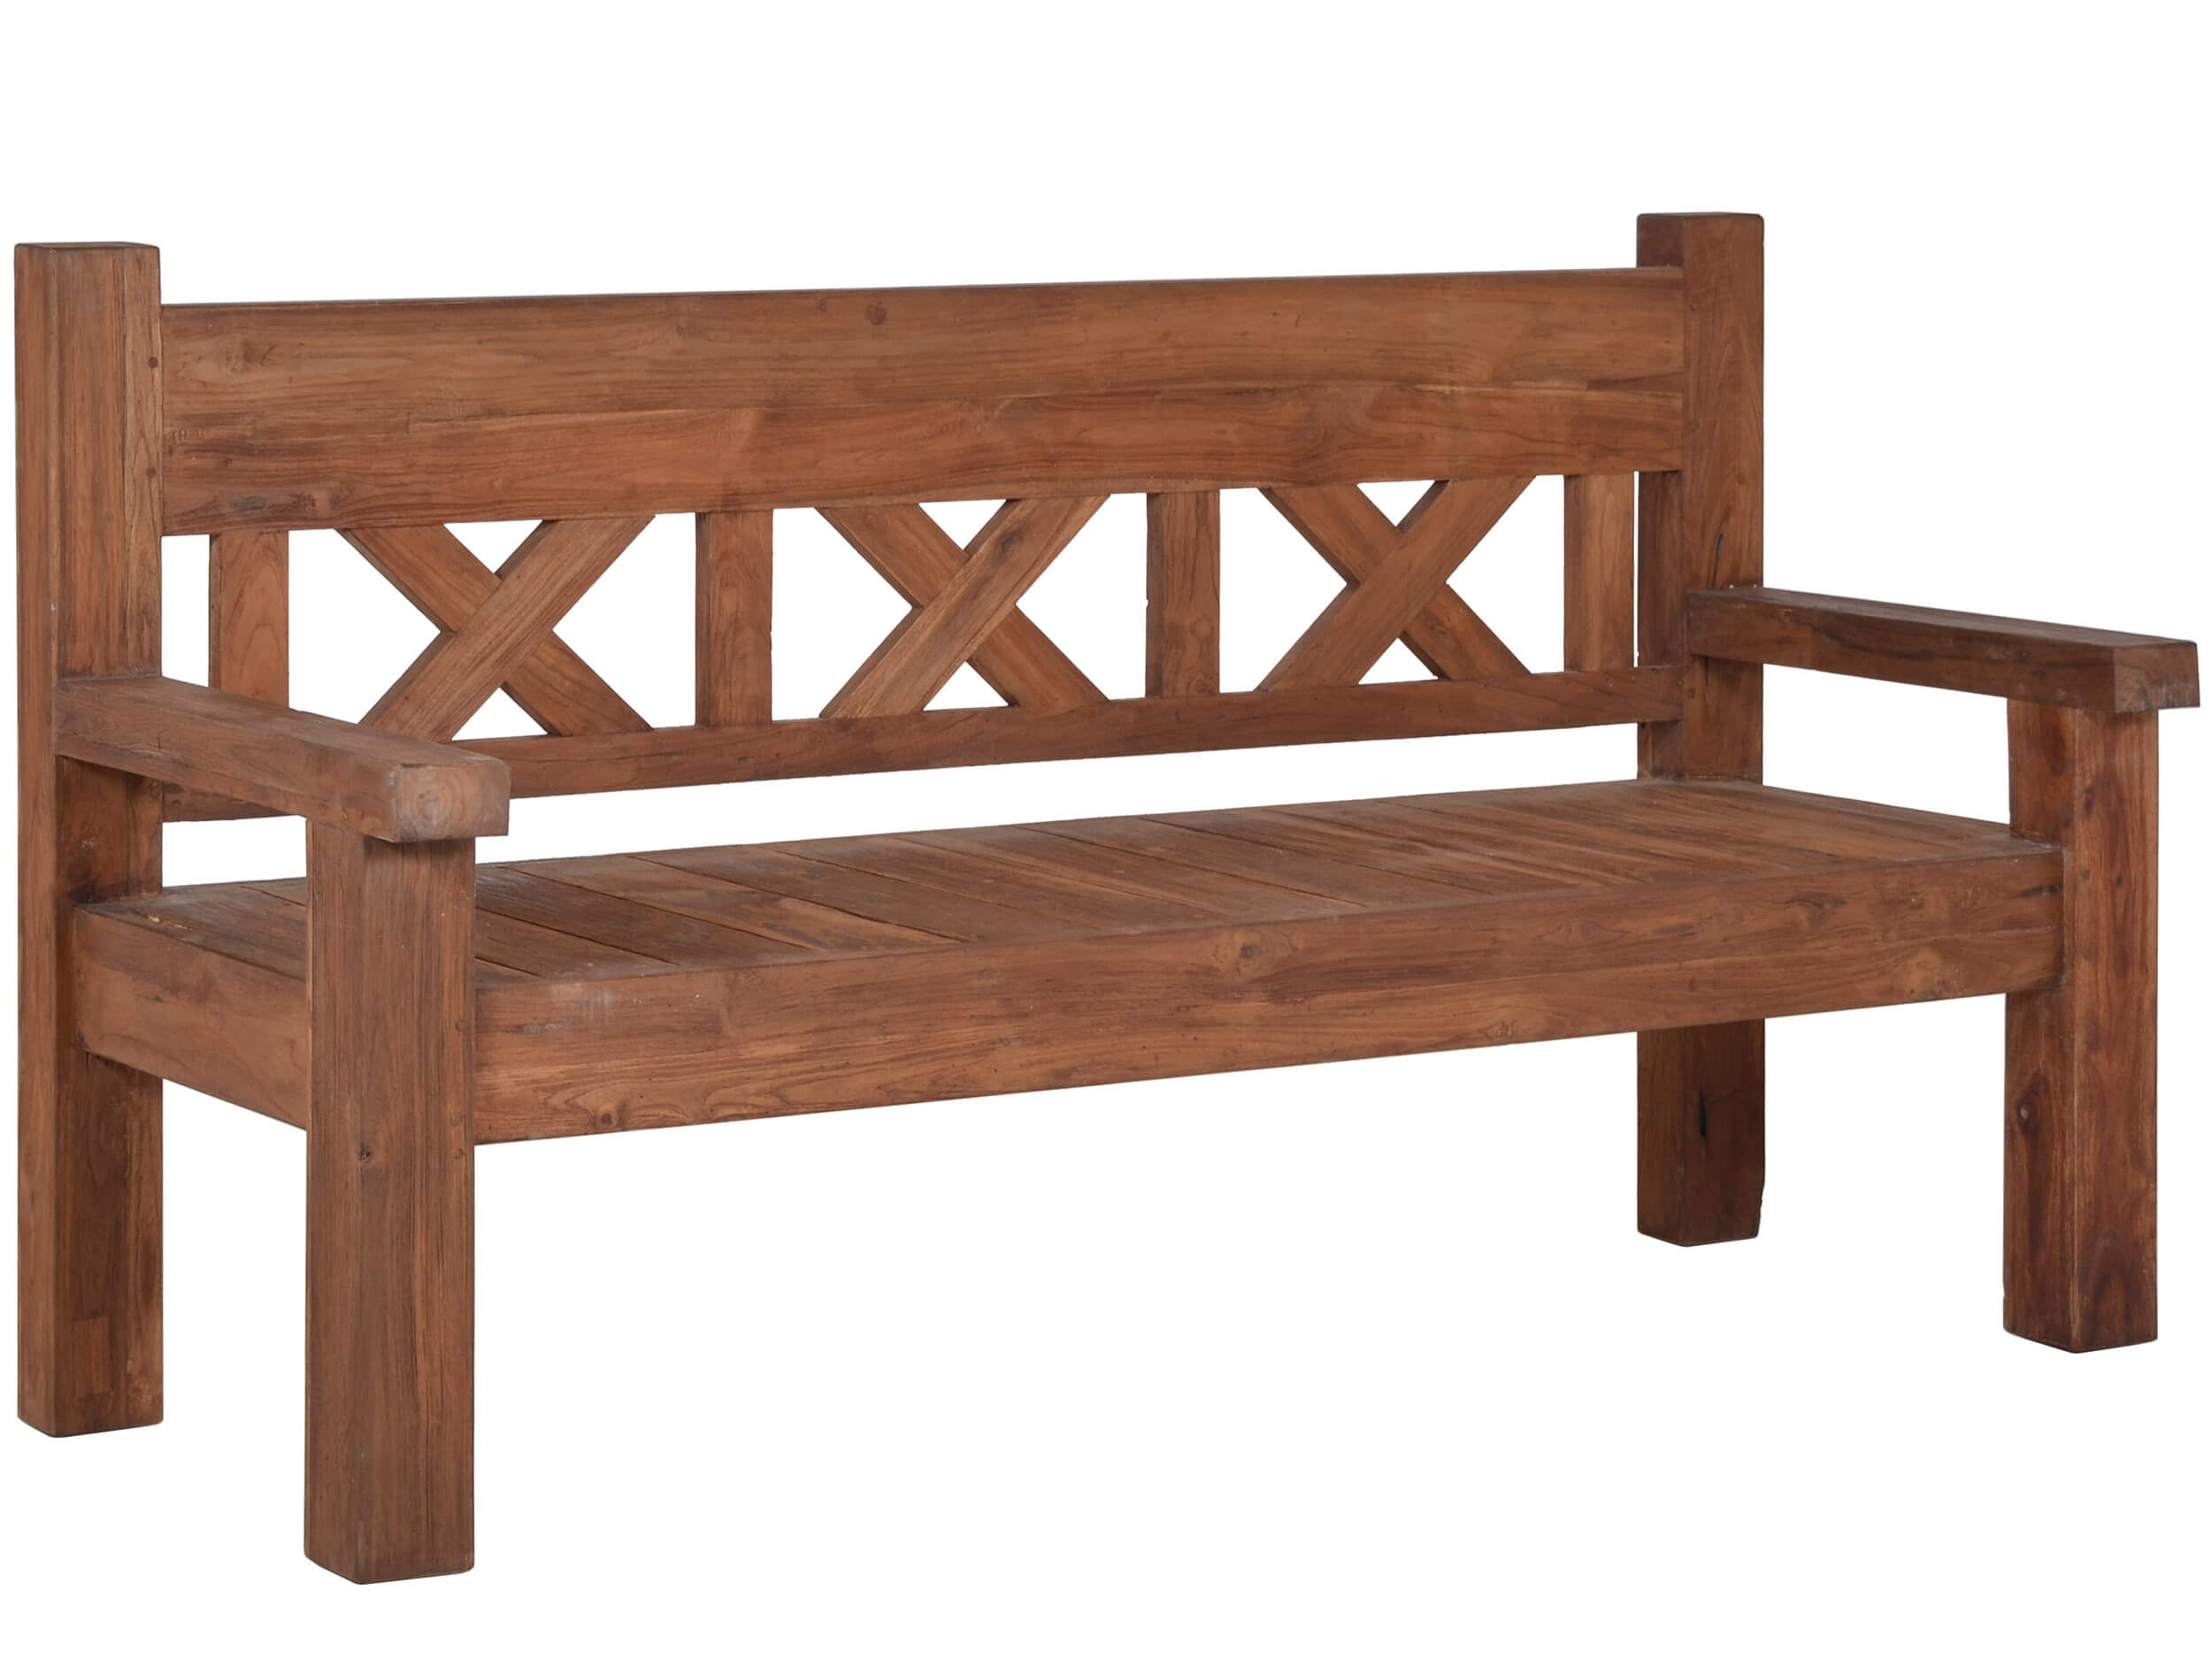 gartenbank 3 sitzer gartenm bel l nse. Black Bedroom Furniture Sets. Home Design Ideas